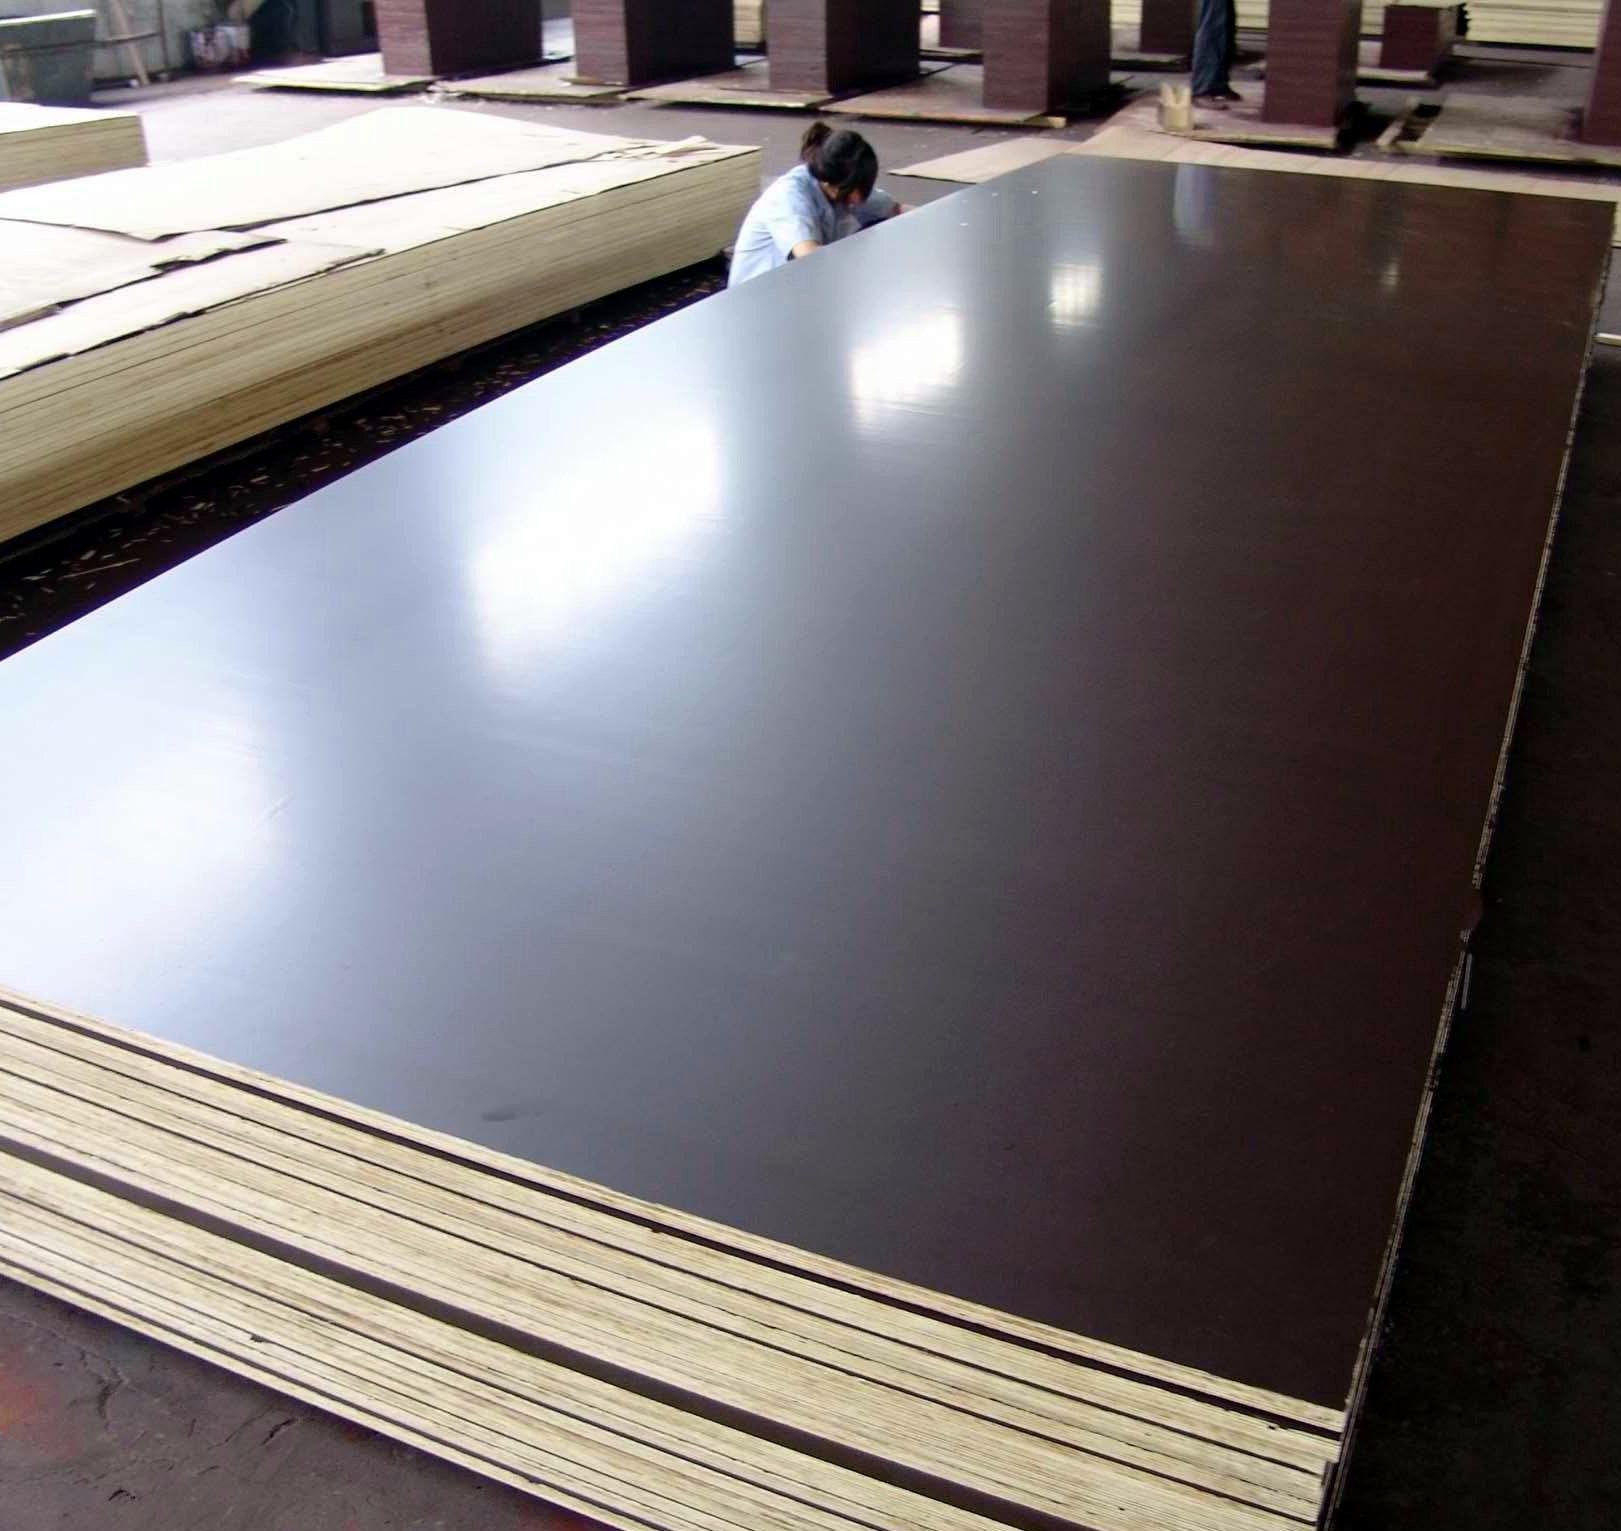 Продукция производится как стандартных размеров, так и при необходимости, по желаниям заказчика